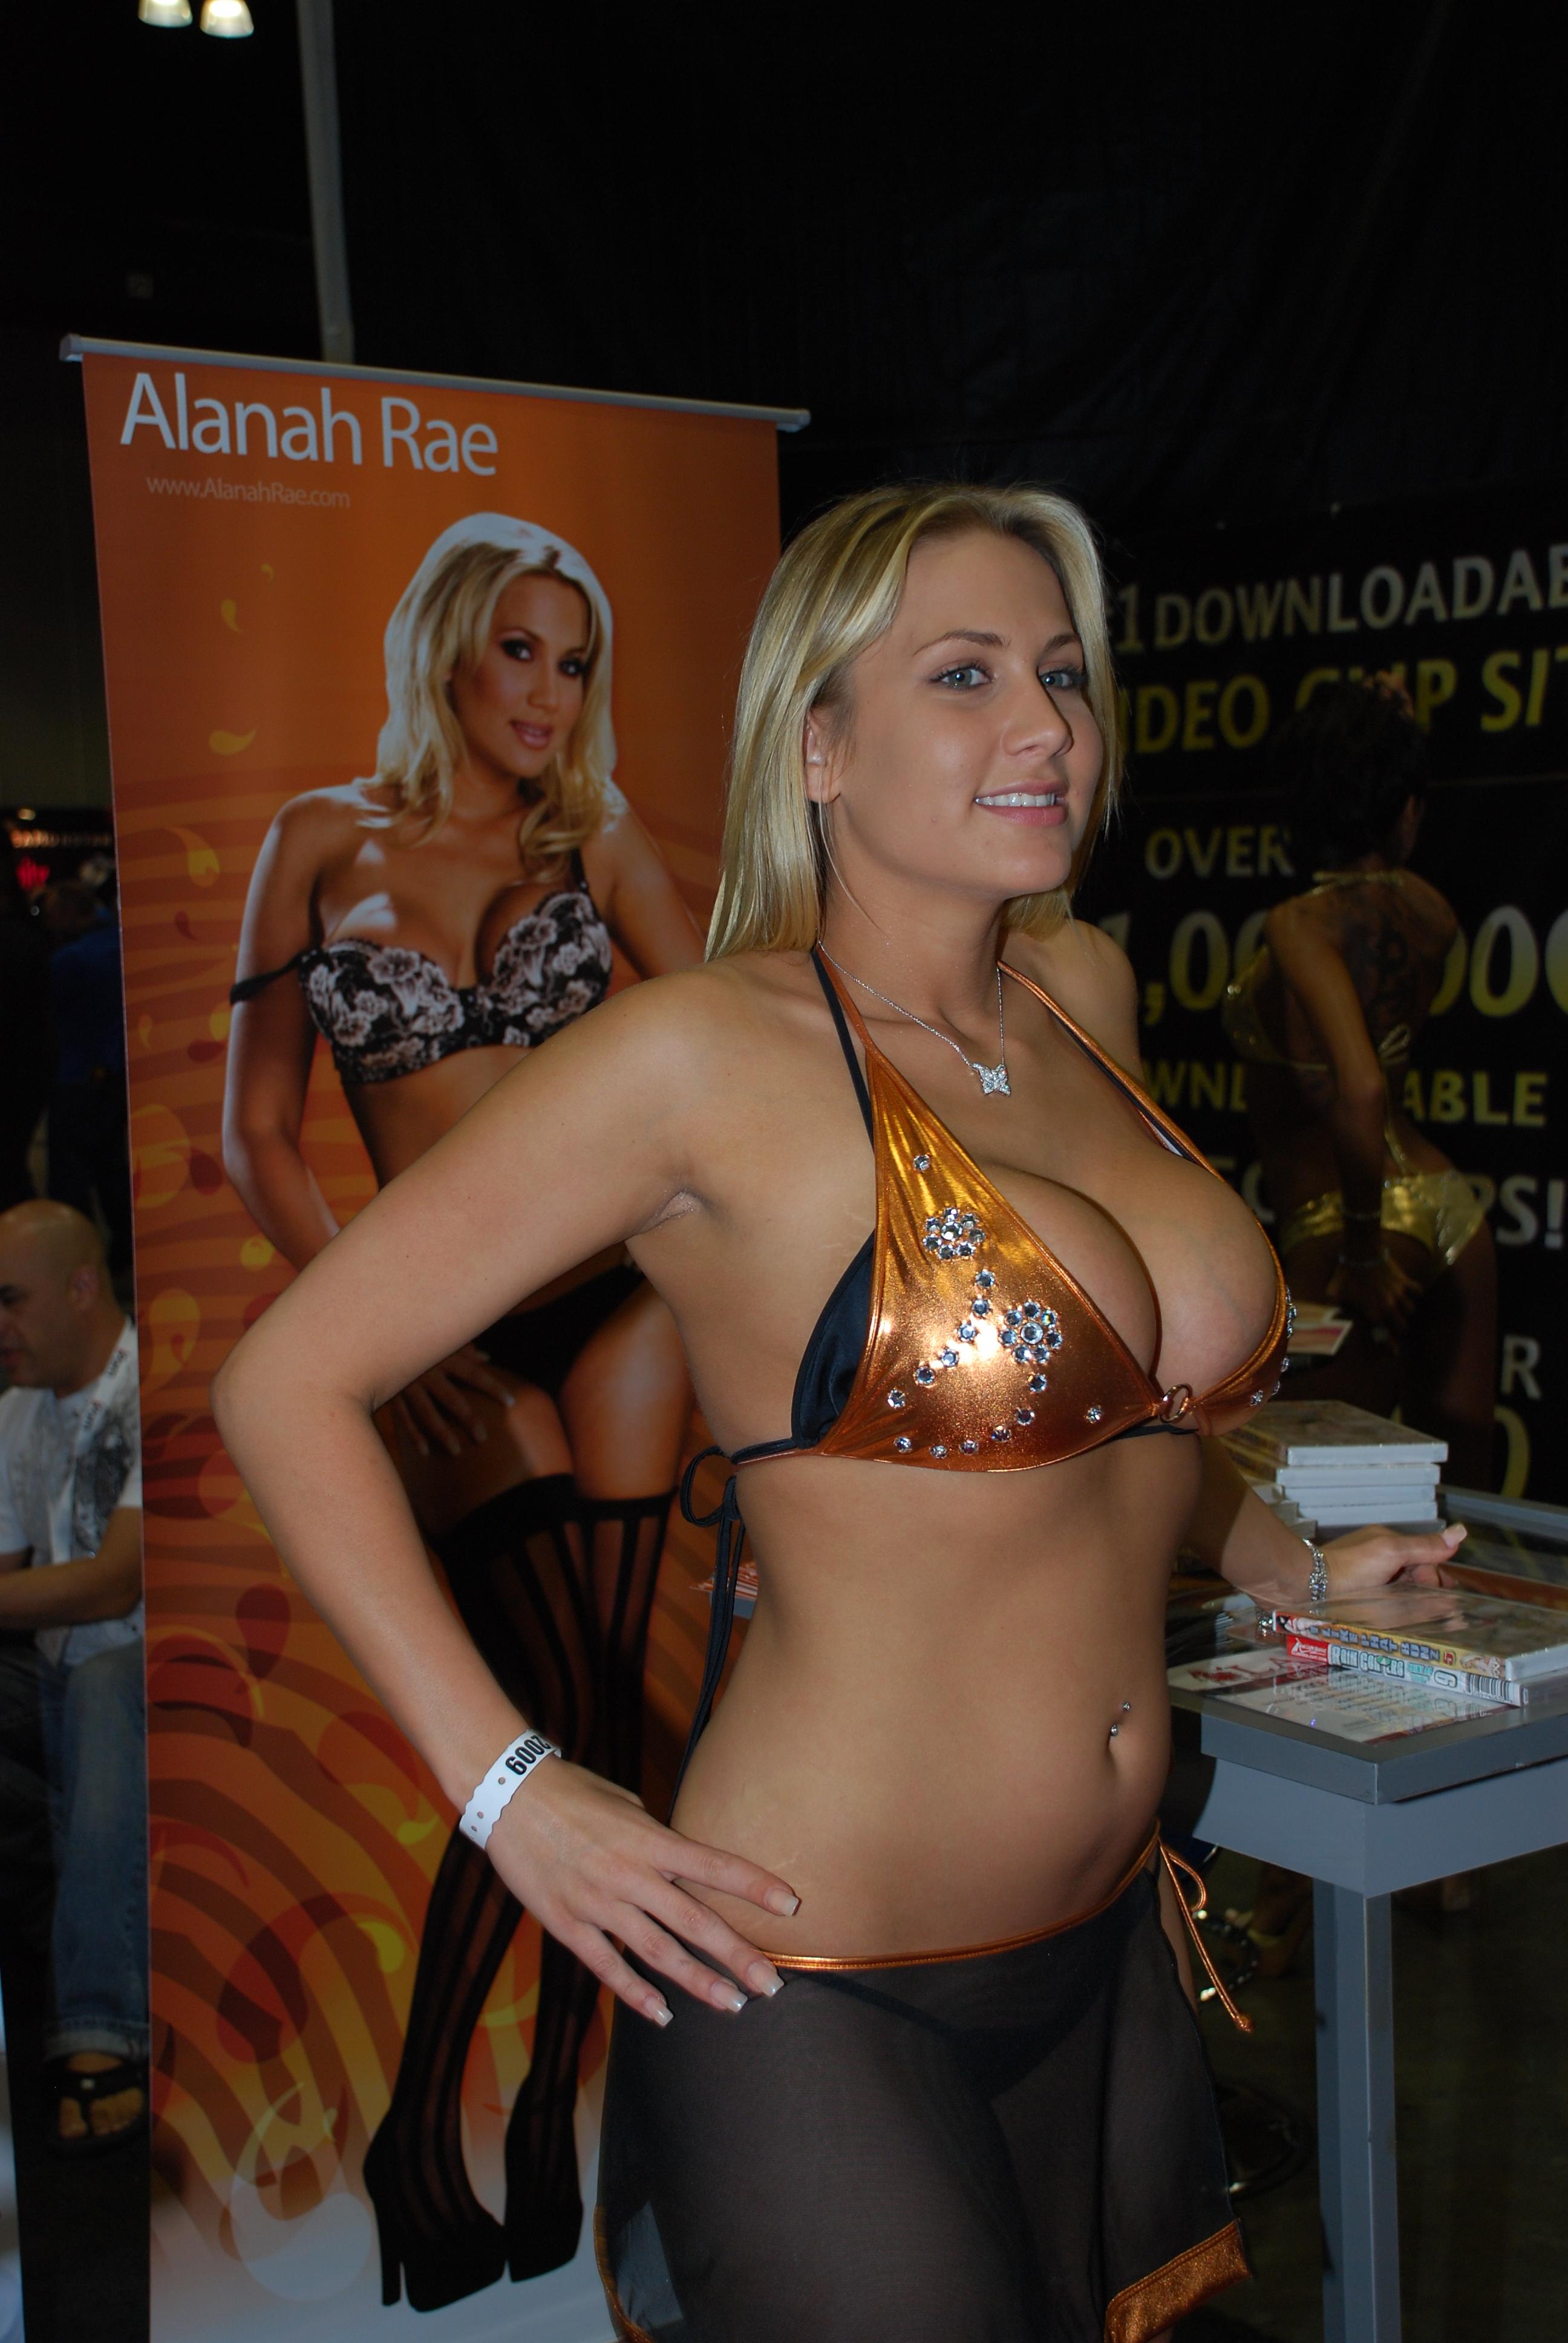 Alanah_Rae